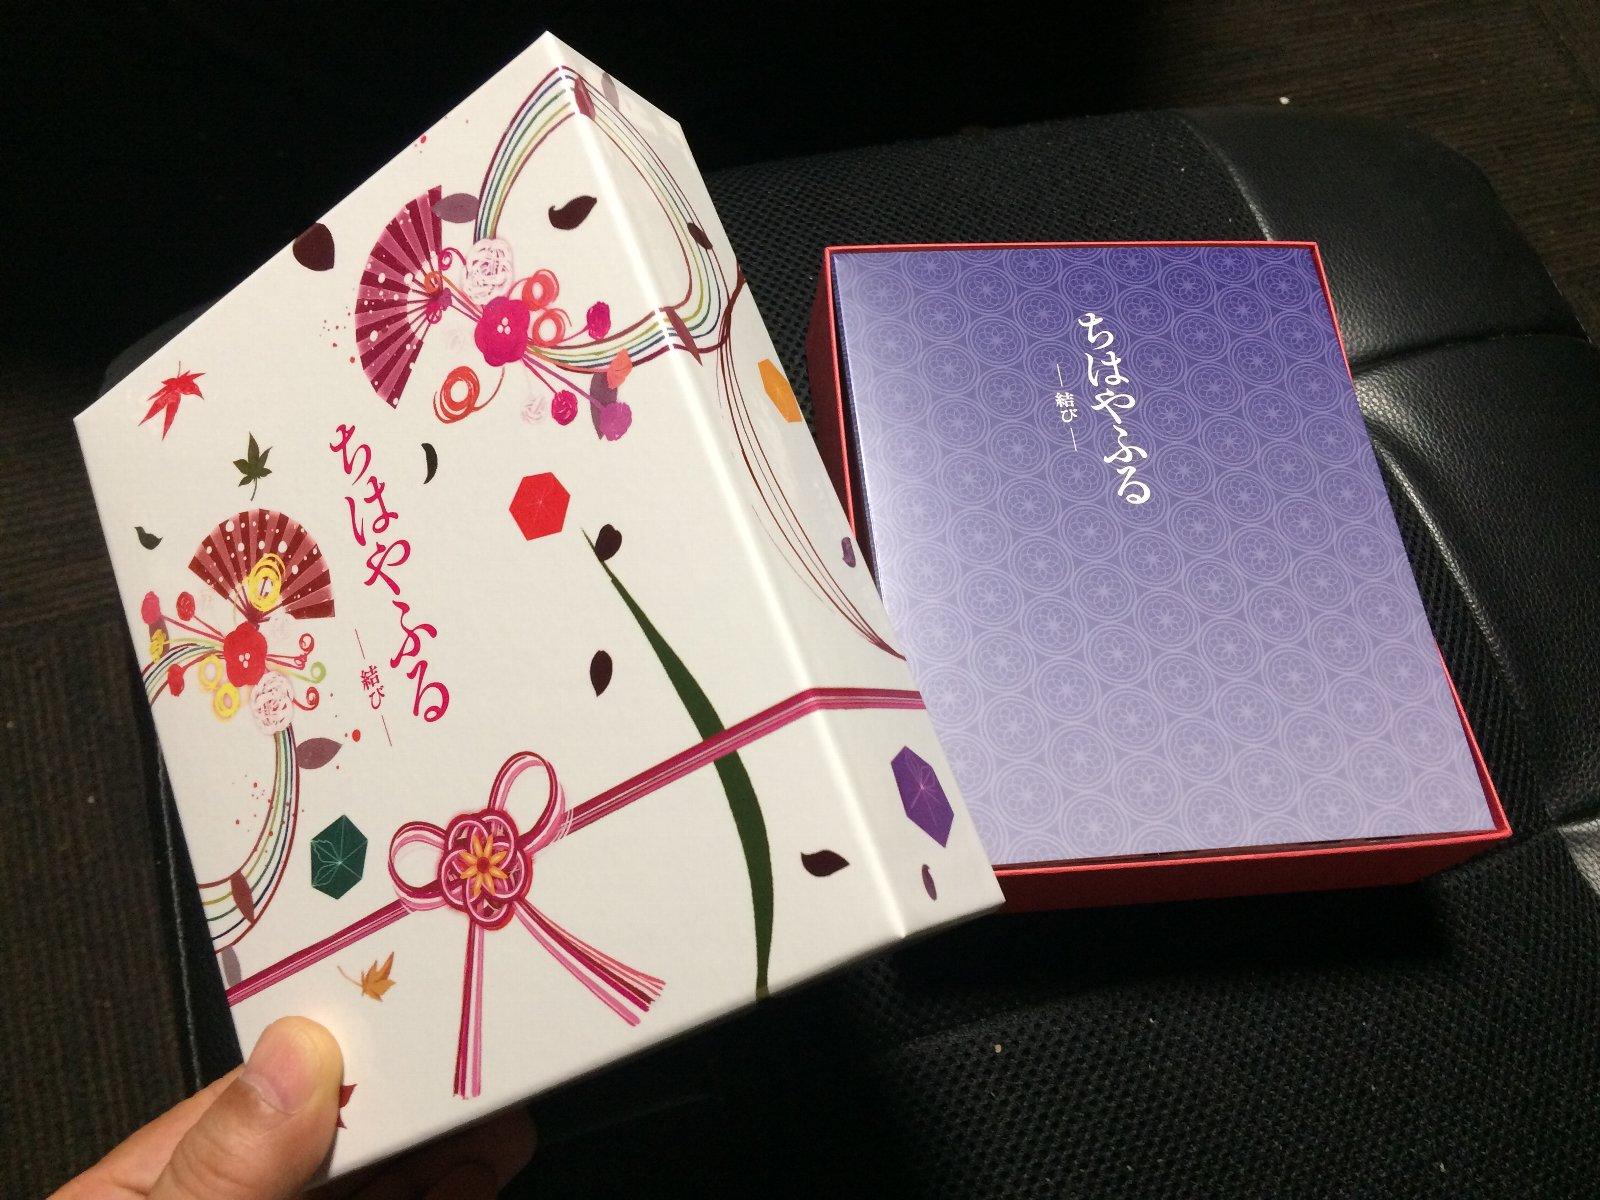 『ちはやふる―結び―』ブルーレイ かるたの箱のイメージ?